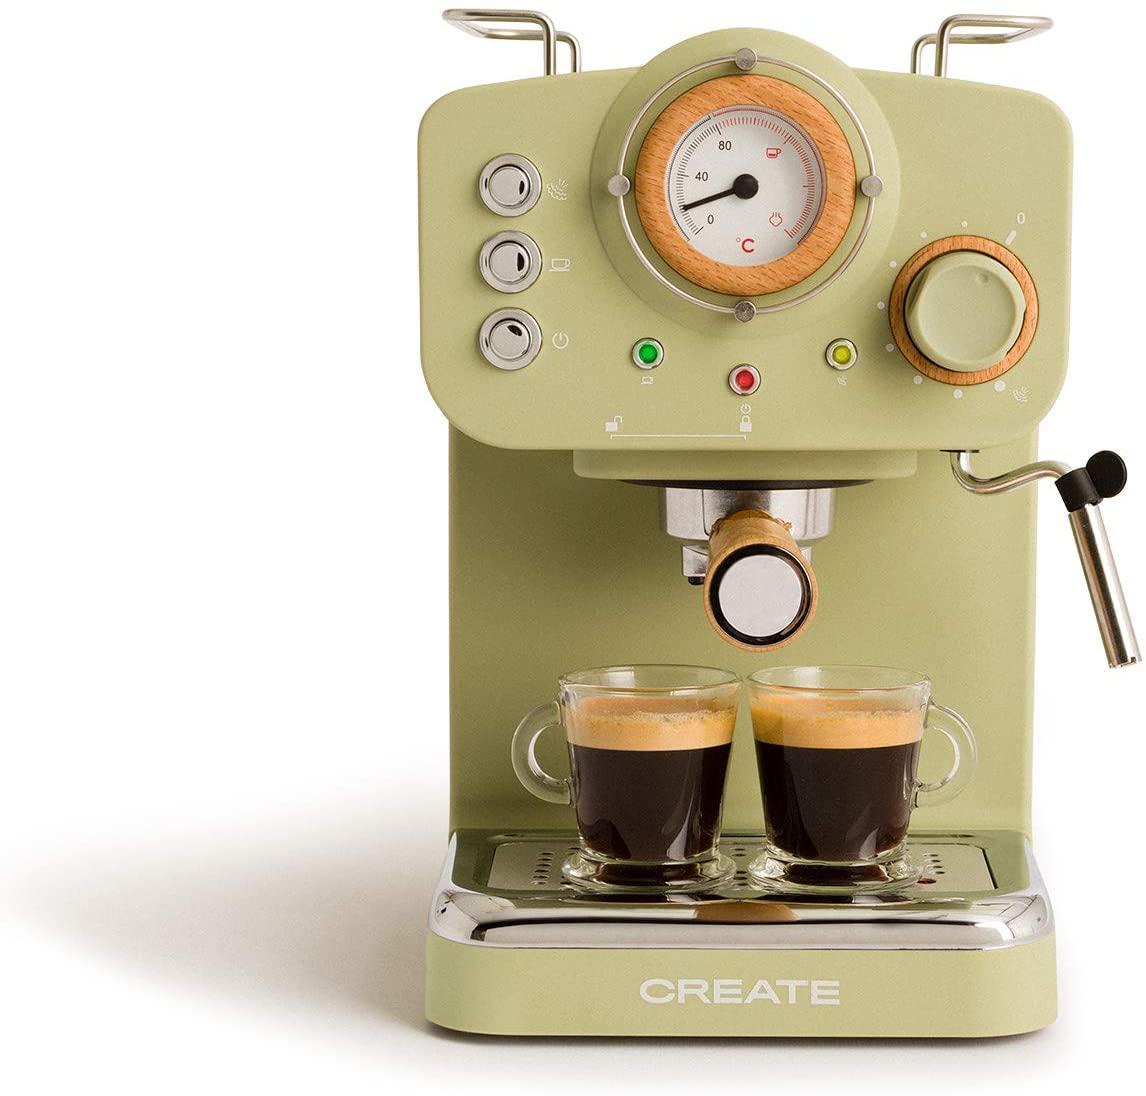 IKOHS THERA Retro - Cafetera Express para Espresso y Cappucino.